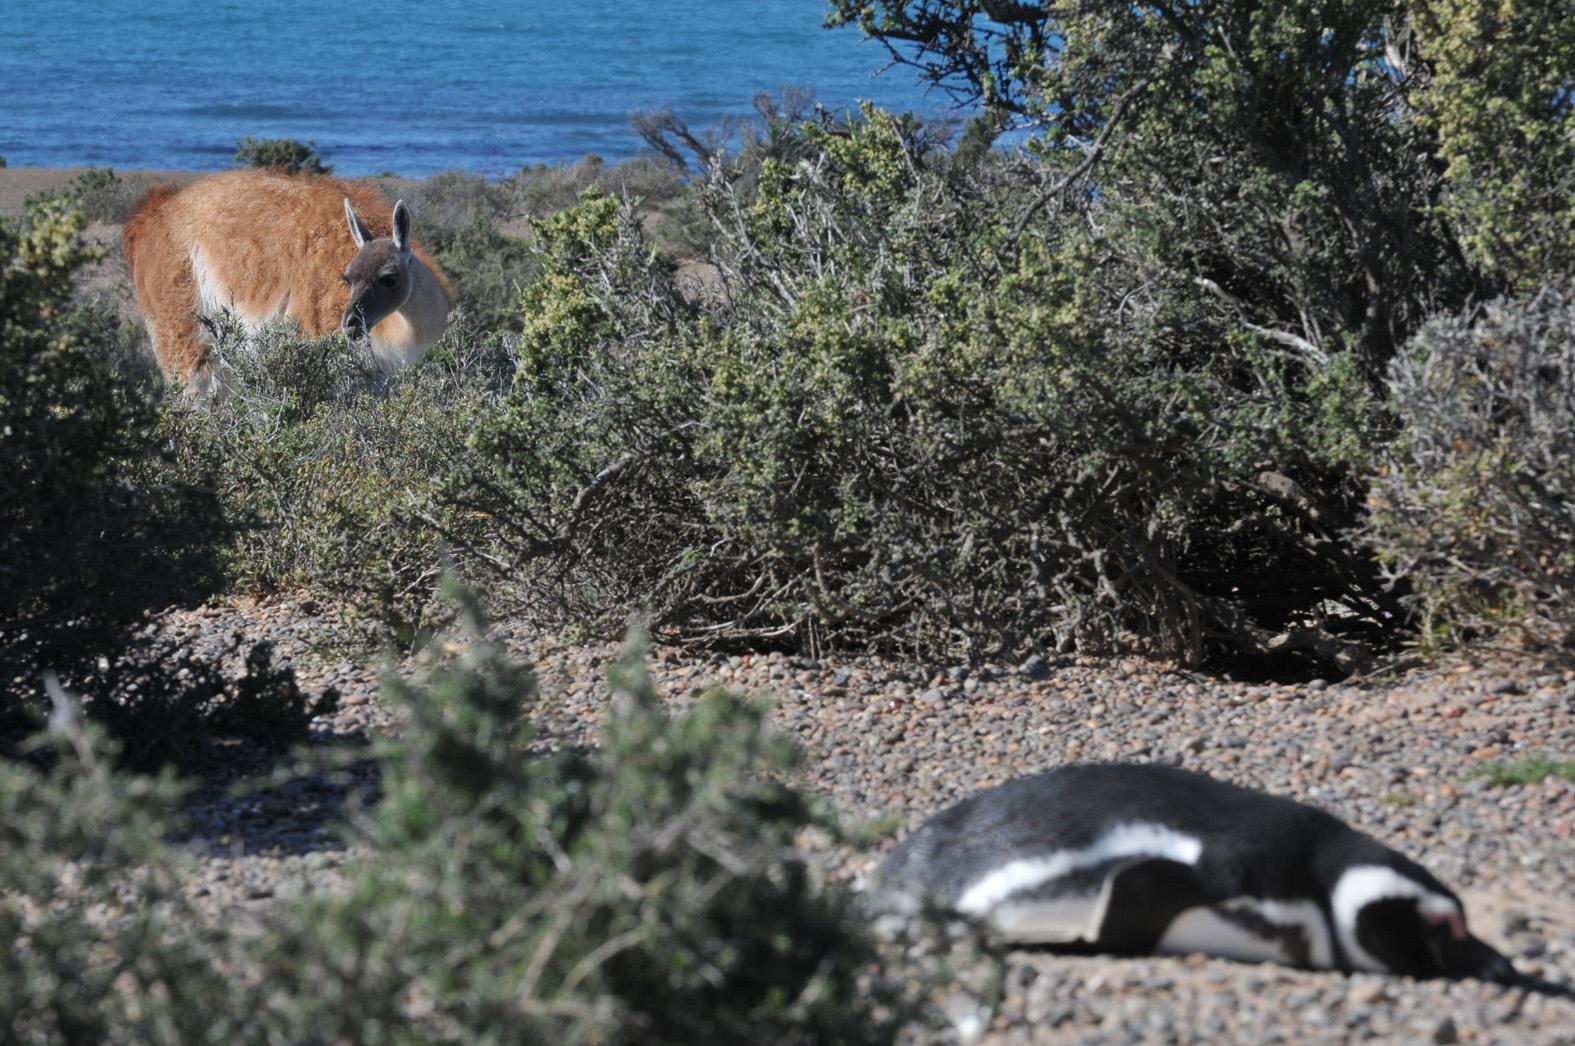 foto: © Tom van der Leij | Bij Punta Tombo komen de pinguins het water uit en vallen vrijwel direct in slaap.